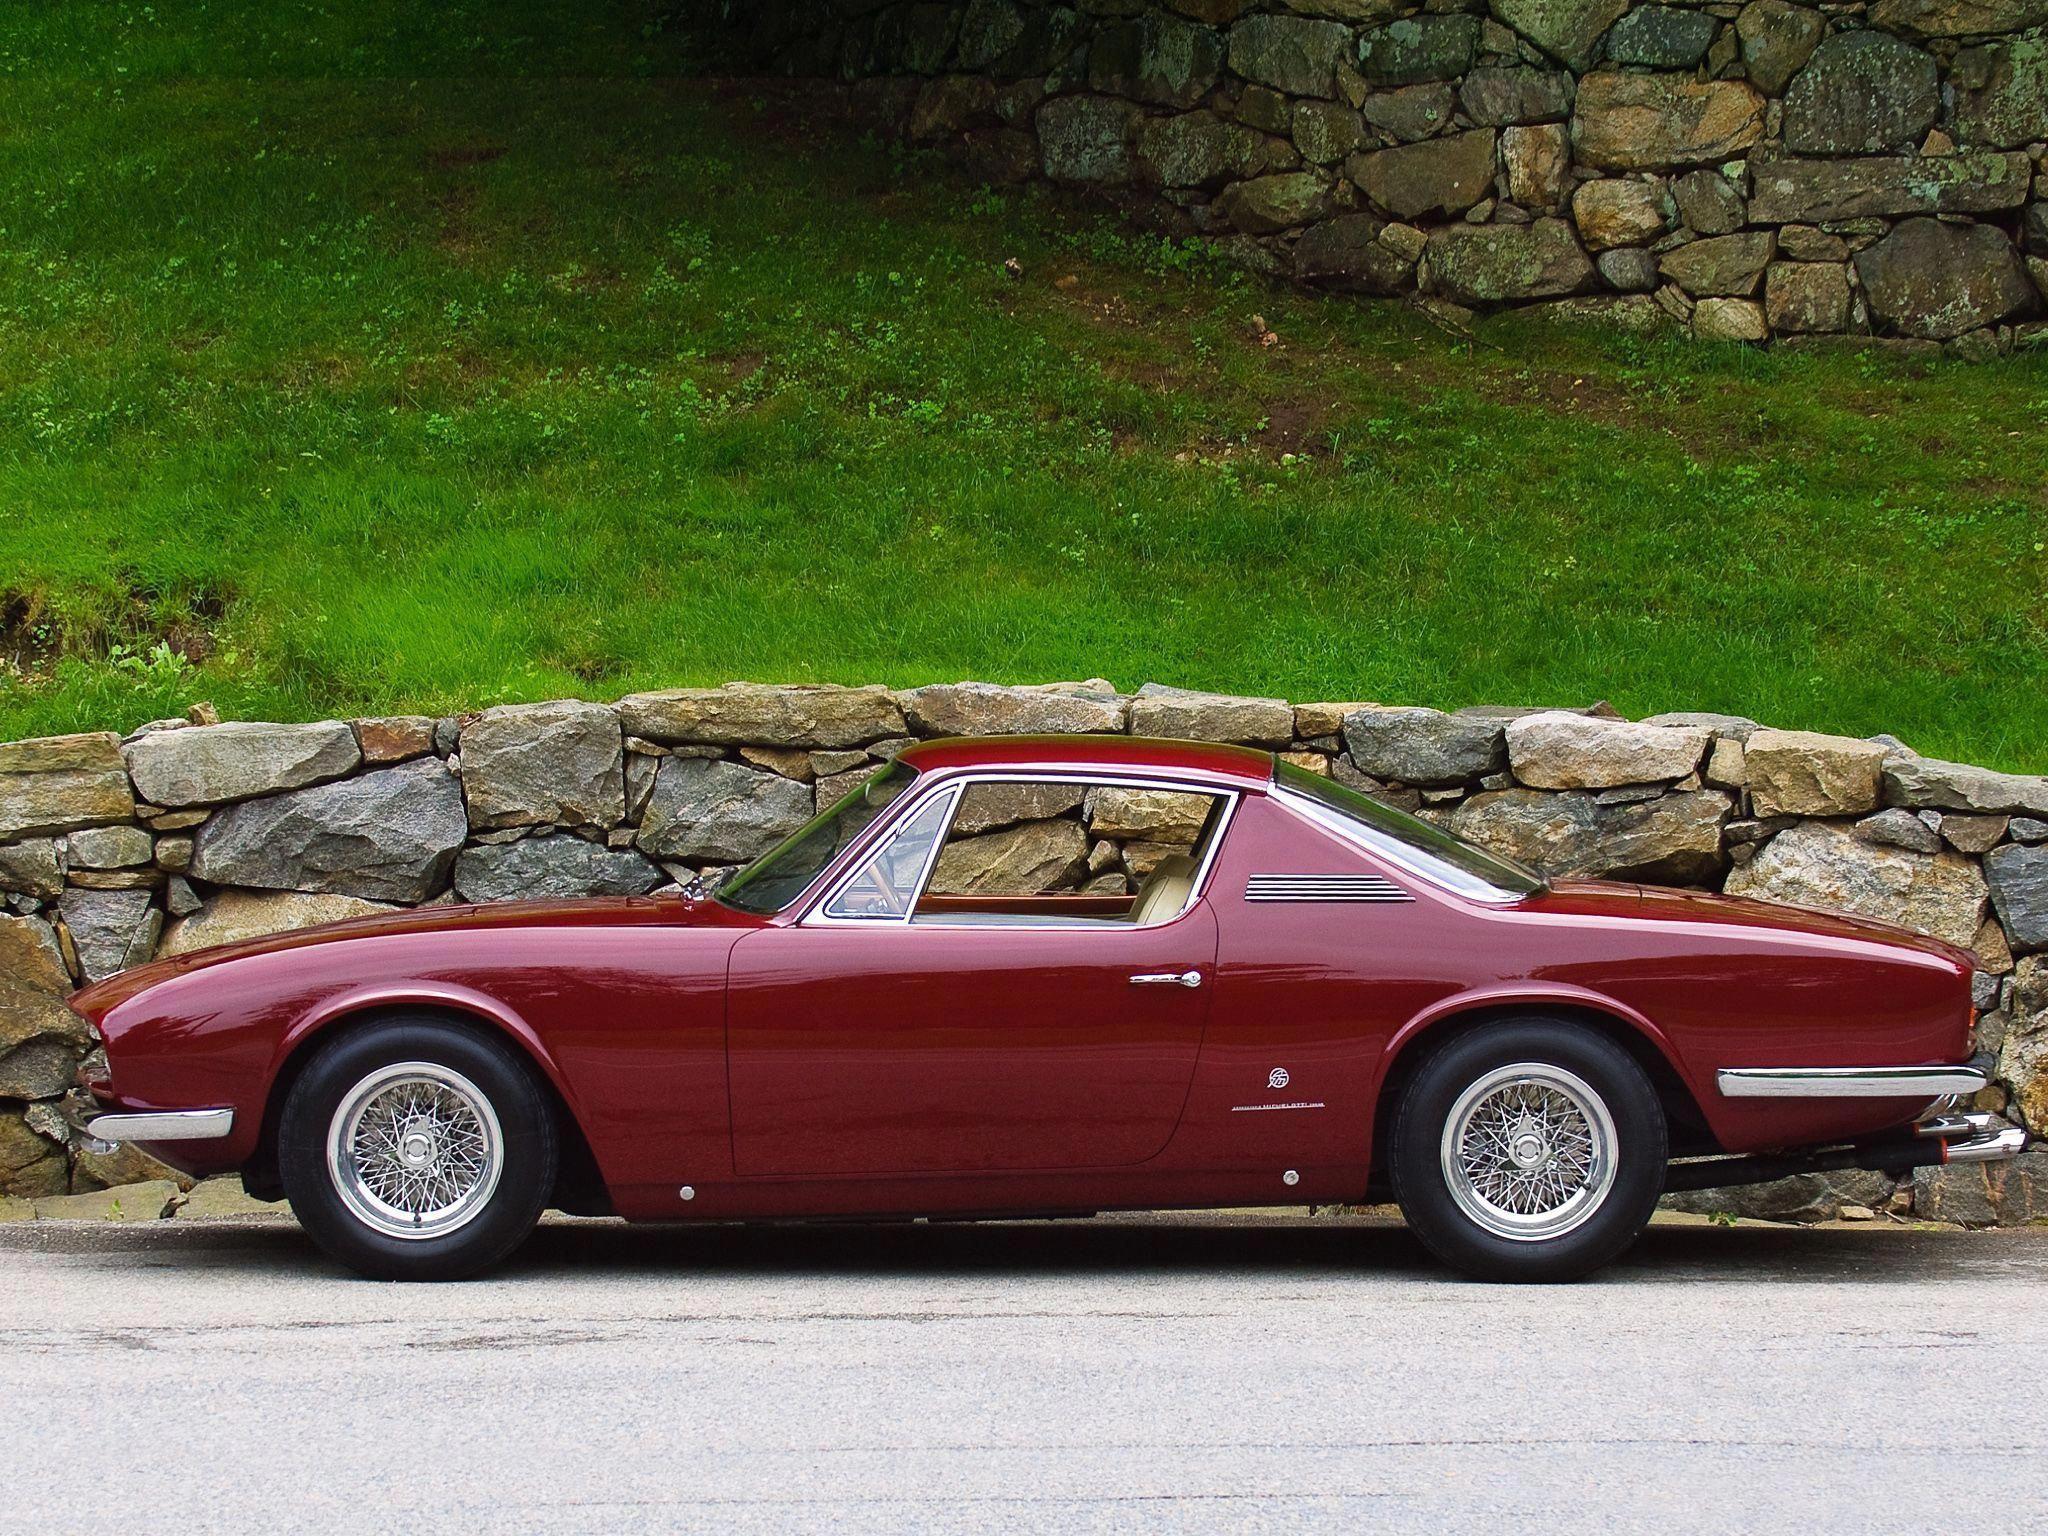 1967 Ferrari 330 Gt Coupe By Michelotti Ferrariclassiccars Ferrarivintagecars Ferrari Ferrari Italia Ferrari Car